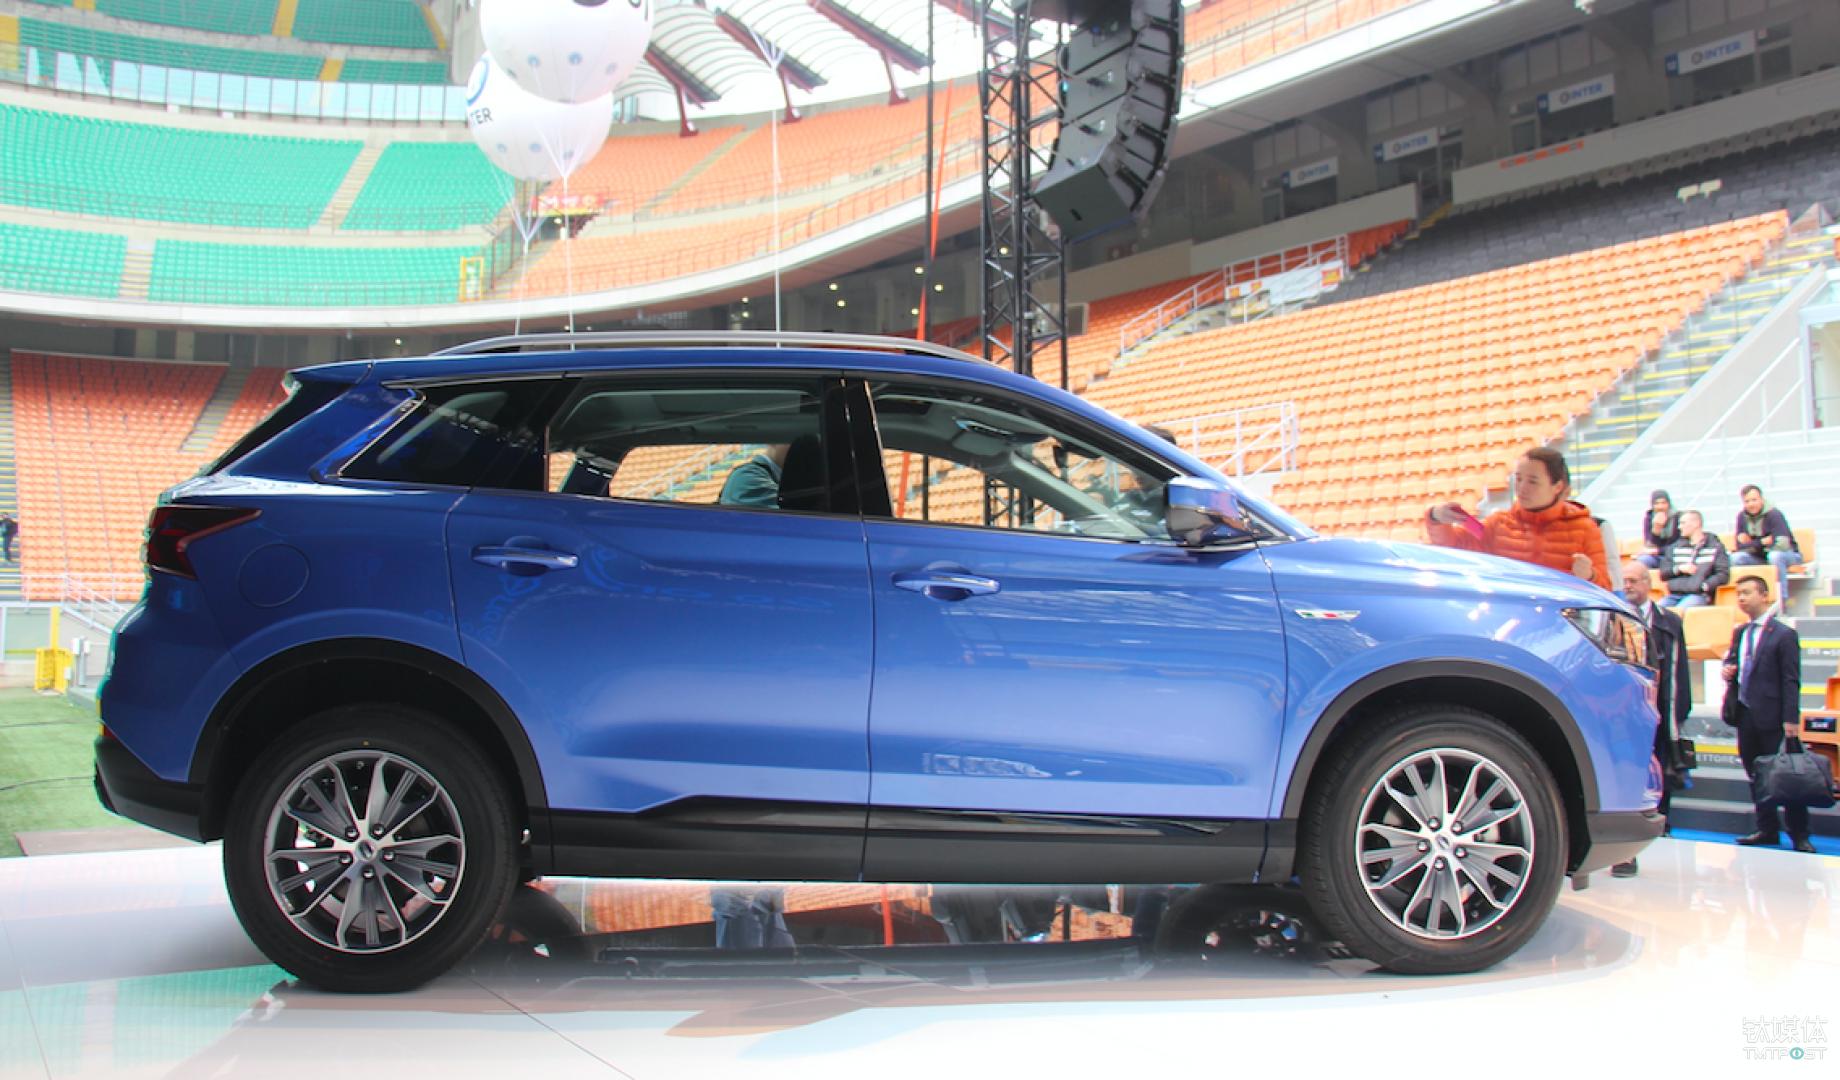 swm斯威汽车g01在百年梅阿查球场首发,要用意式美学冲击高端市场